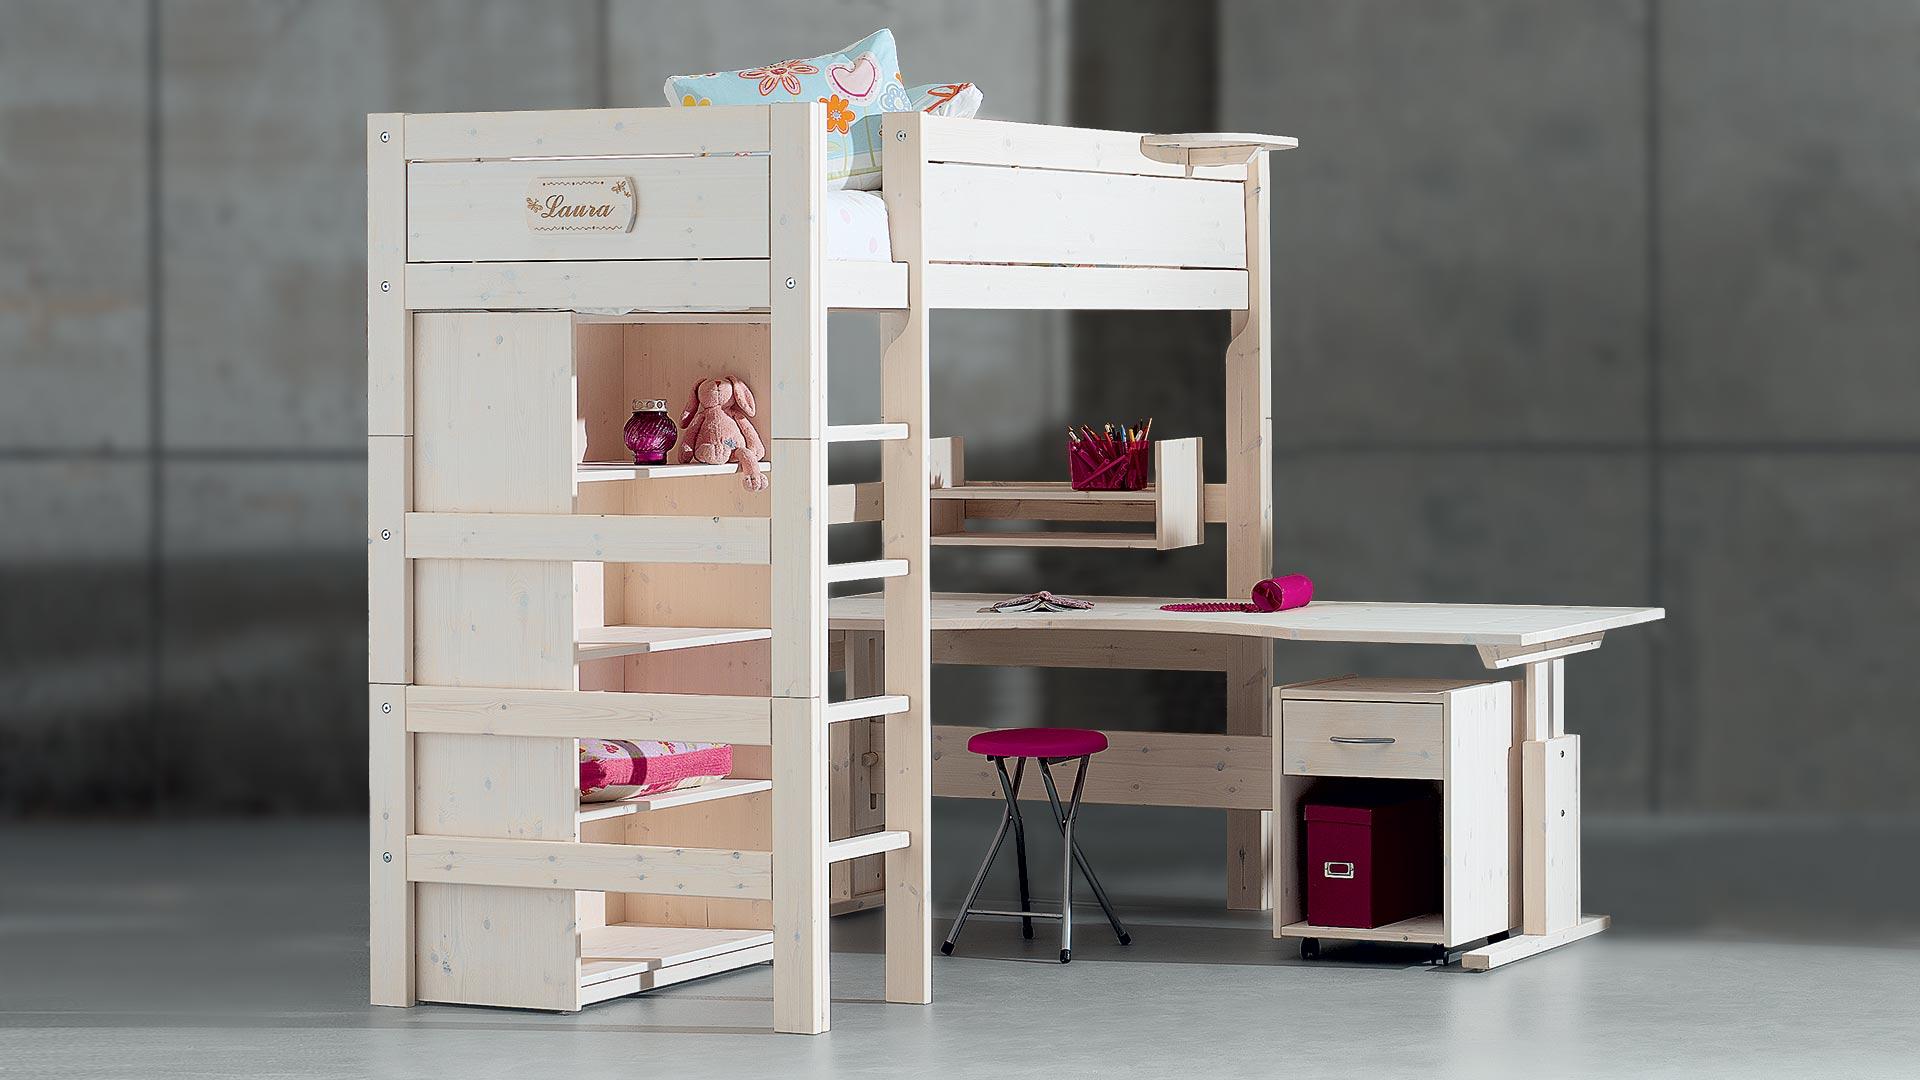 hochbett mit zwei betten ideen hochbetten funvit mit zwei betten hochbett geko schrank bilder. Black Bedroom Furniture Sets. Home Design Ideas